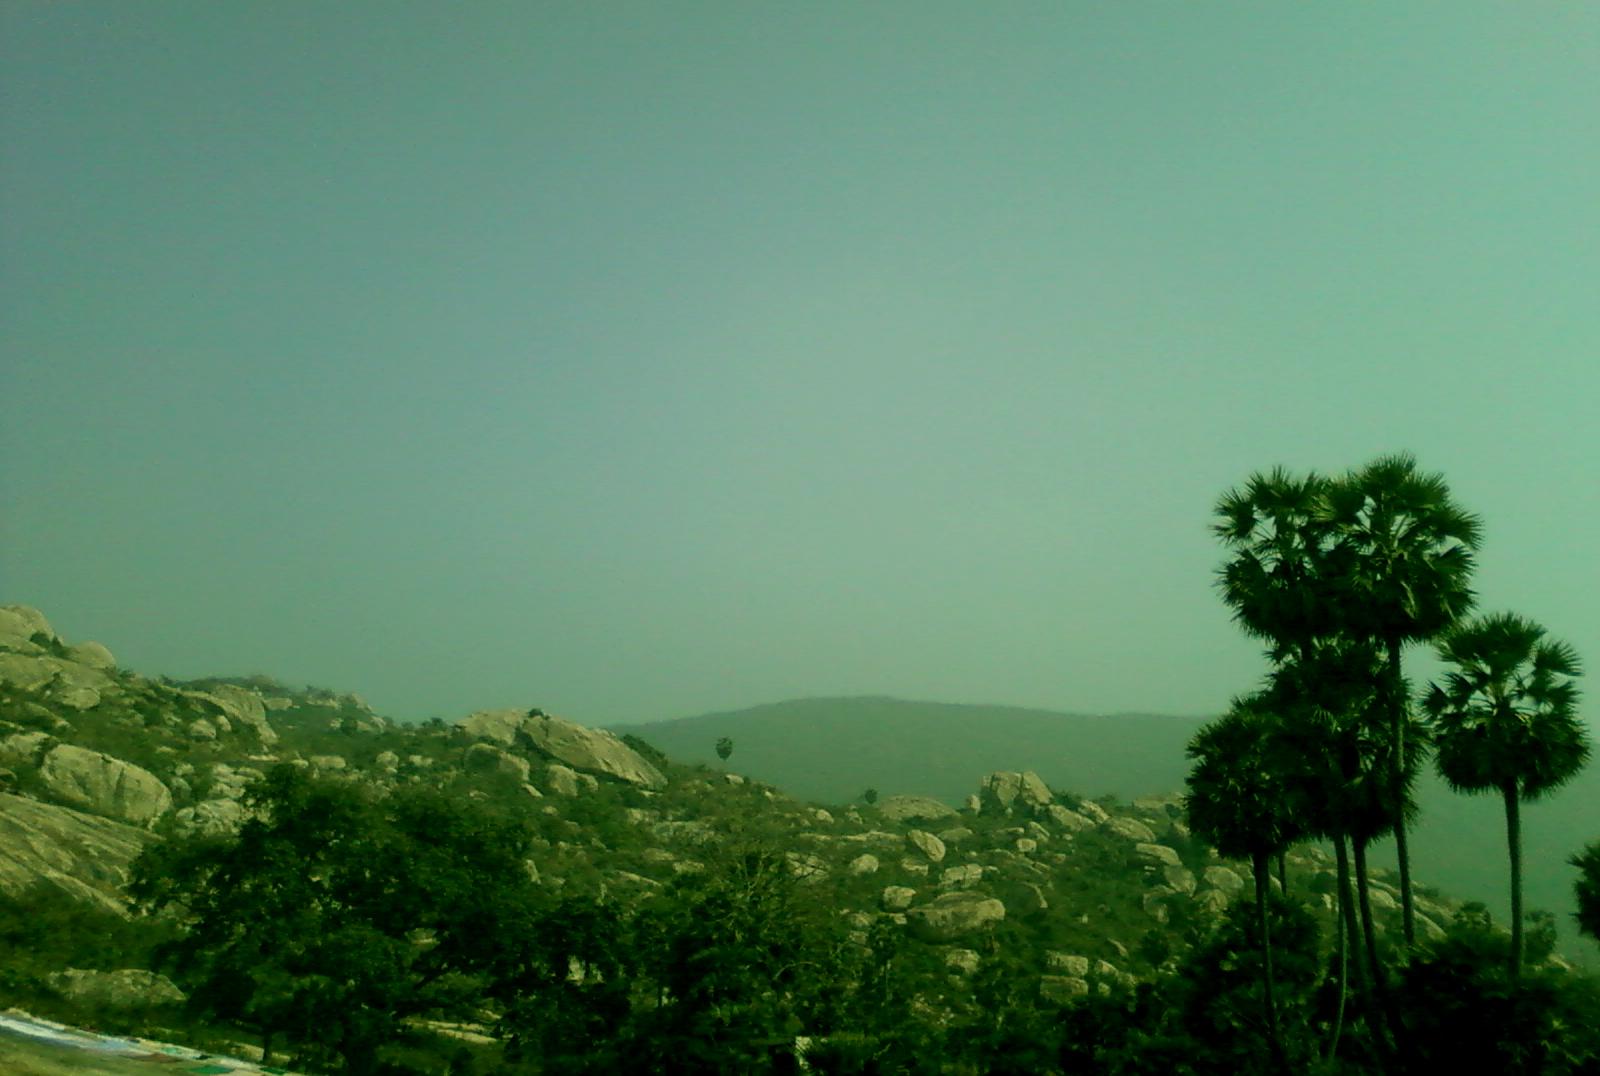 File:Landscape view at Ramatheertham 02.jpg - Wikimedia Commons